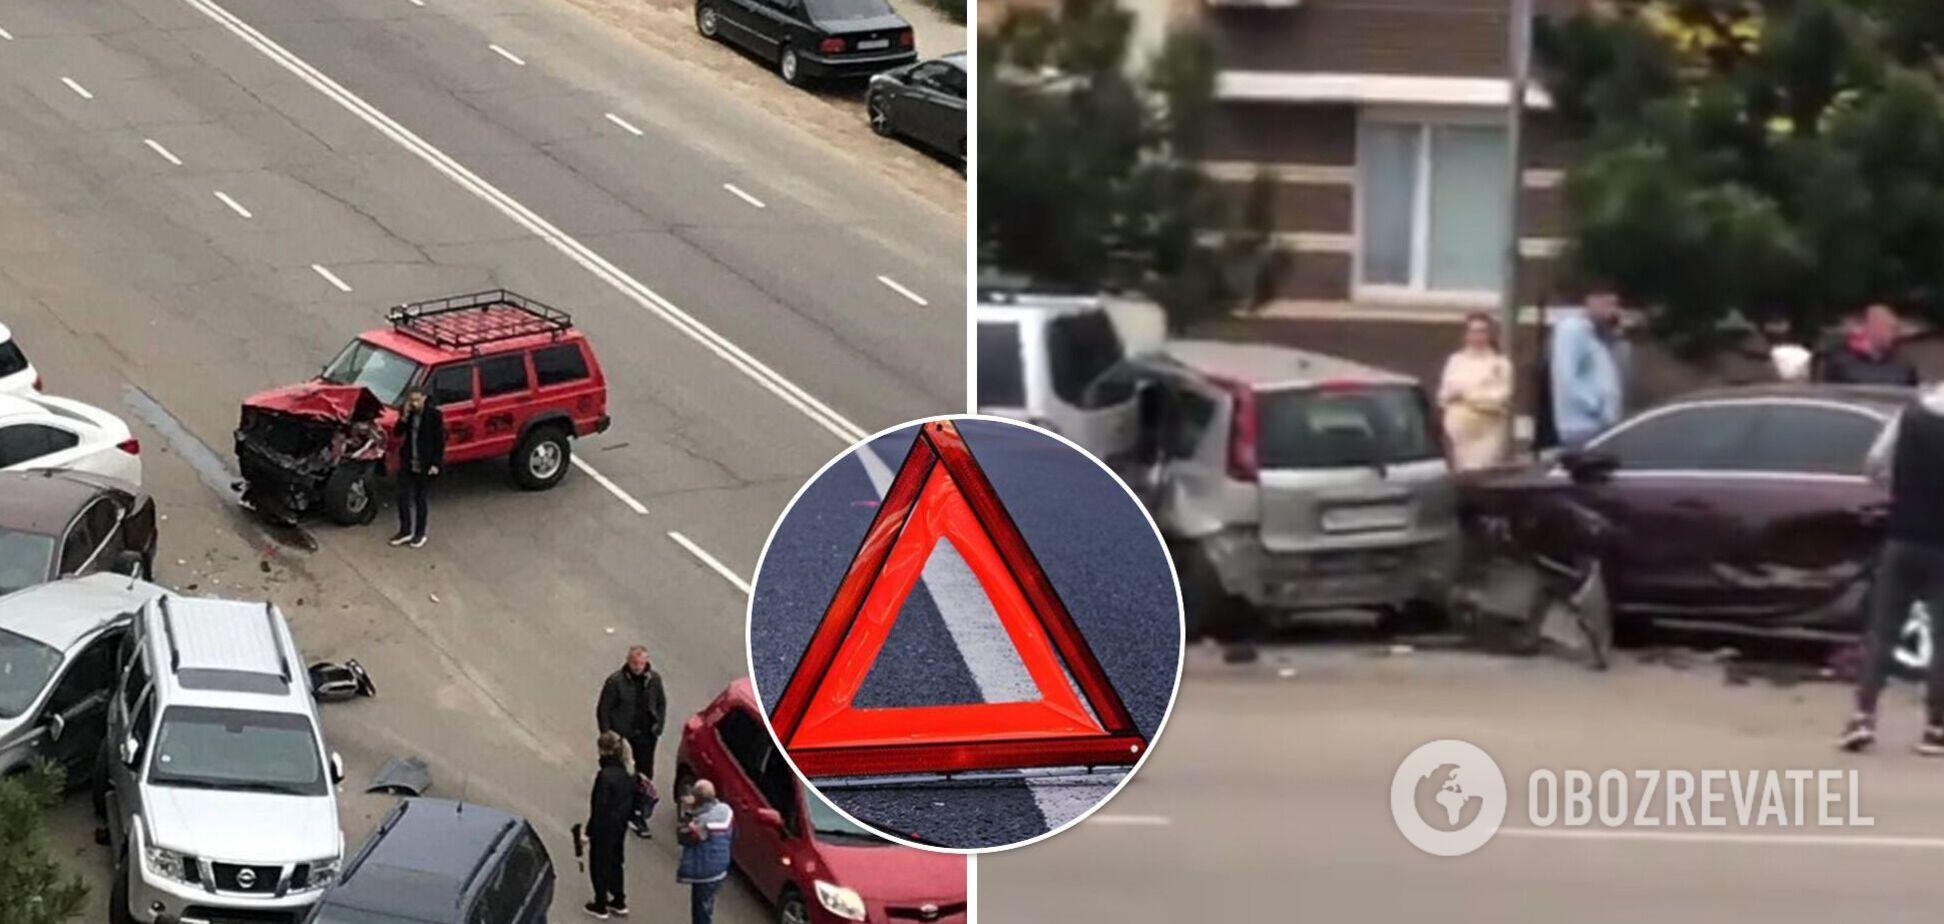 Под Одессой подросток за рулем джипа разбил шесть авто. Видео